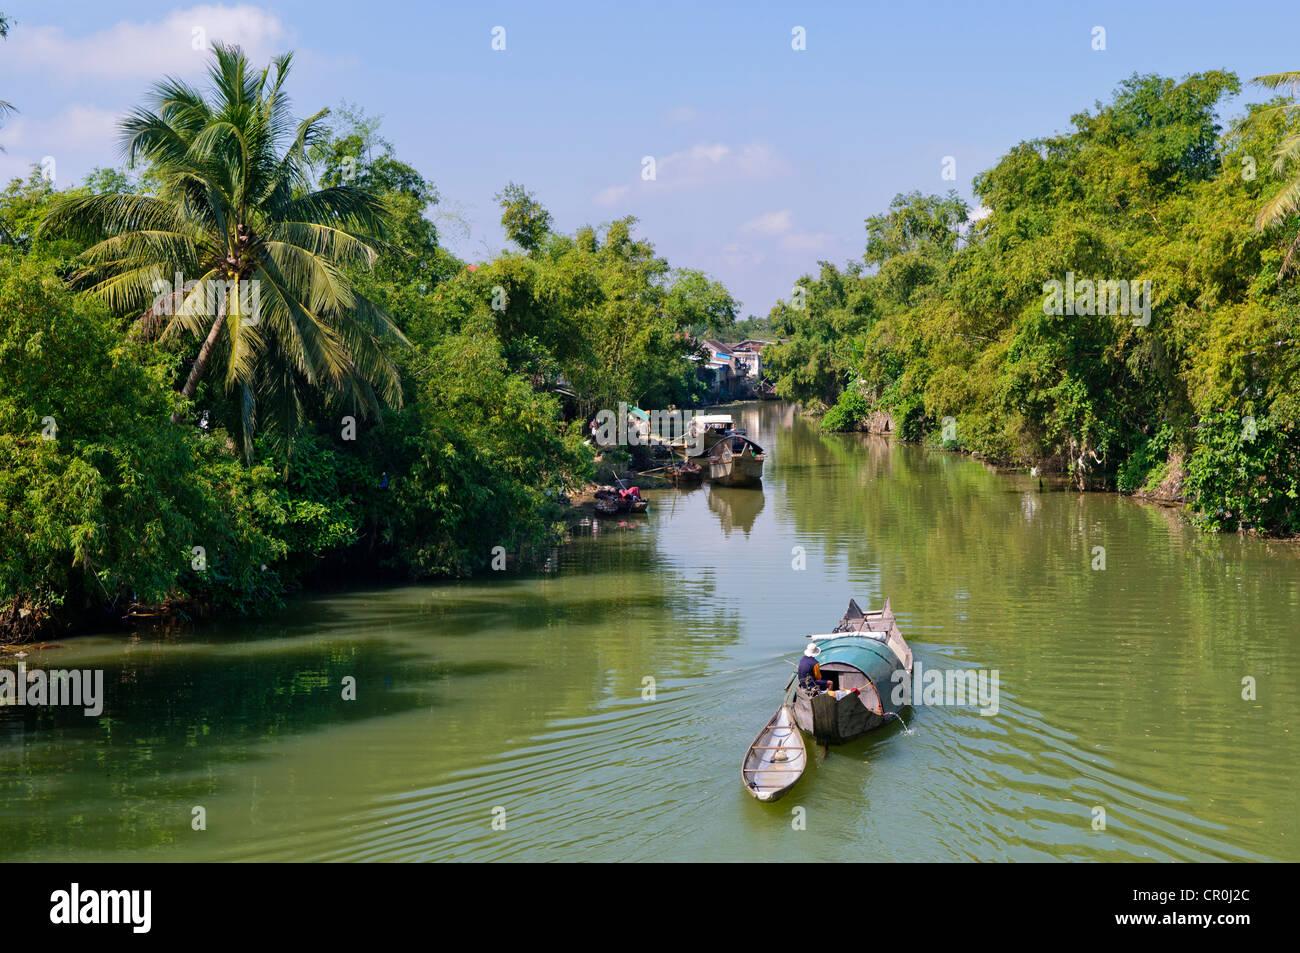 Petit bateau à moteur en passant par un canal d'eau entourée de végétation tropicale, Hue, Photo Stock